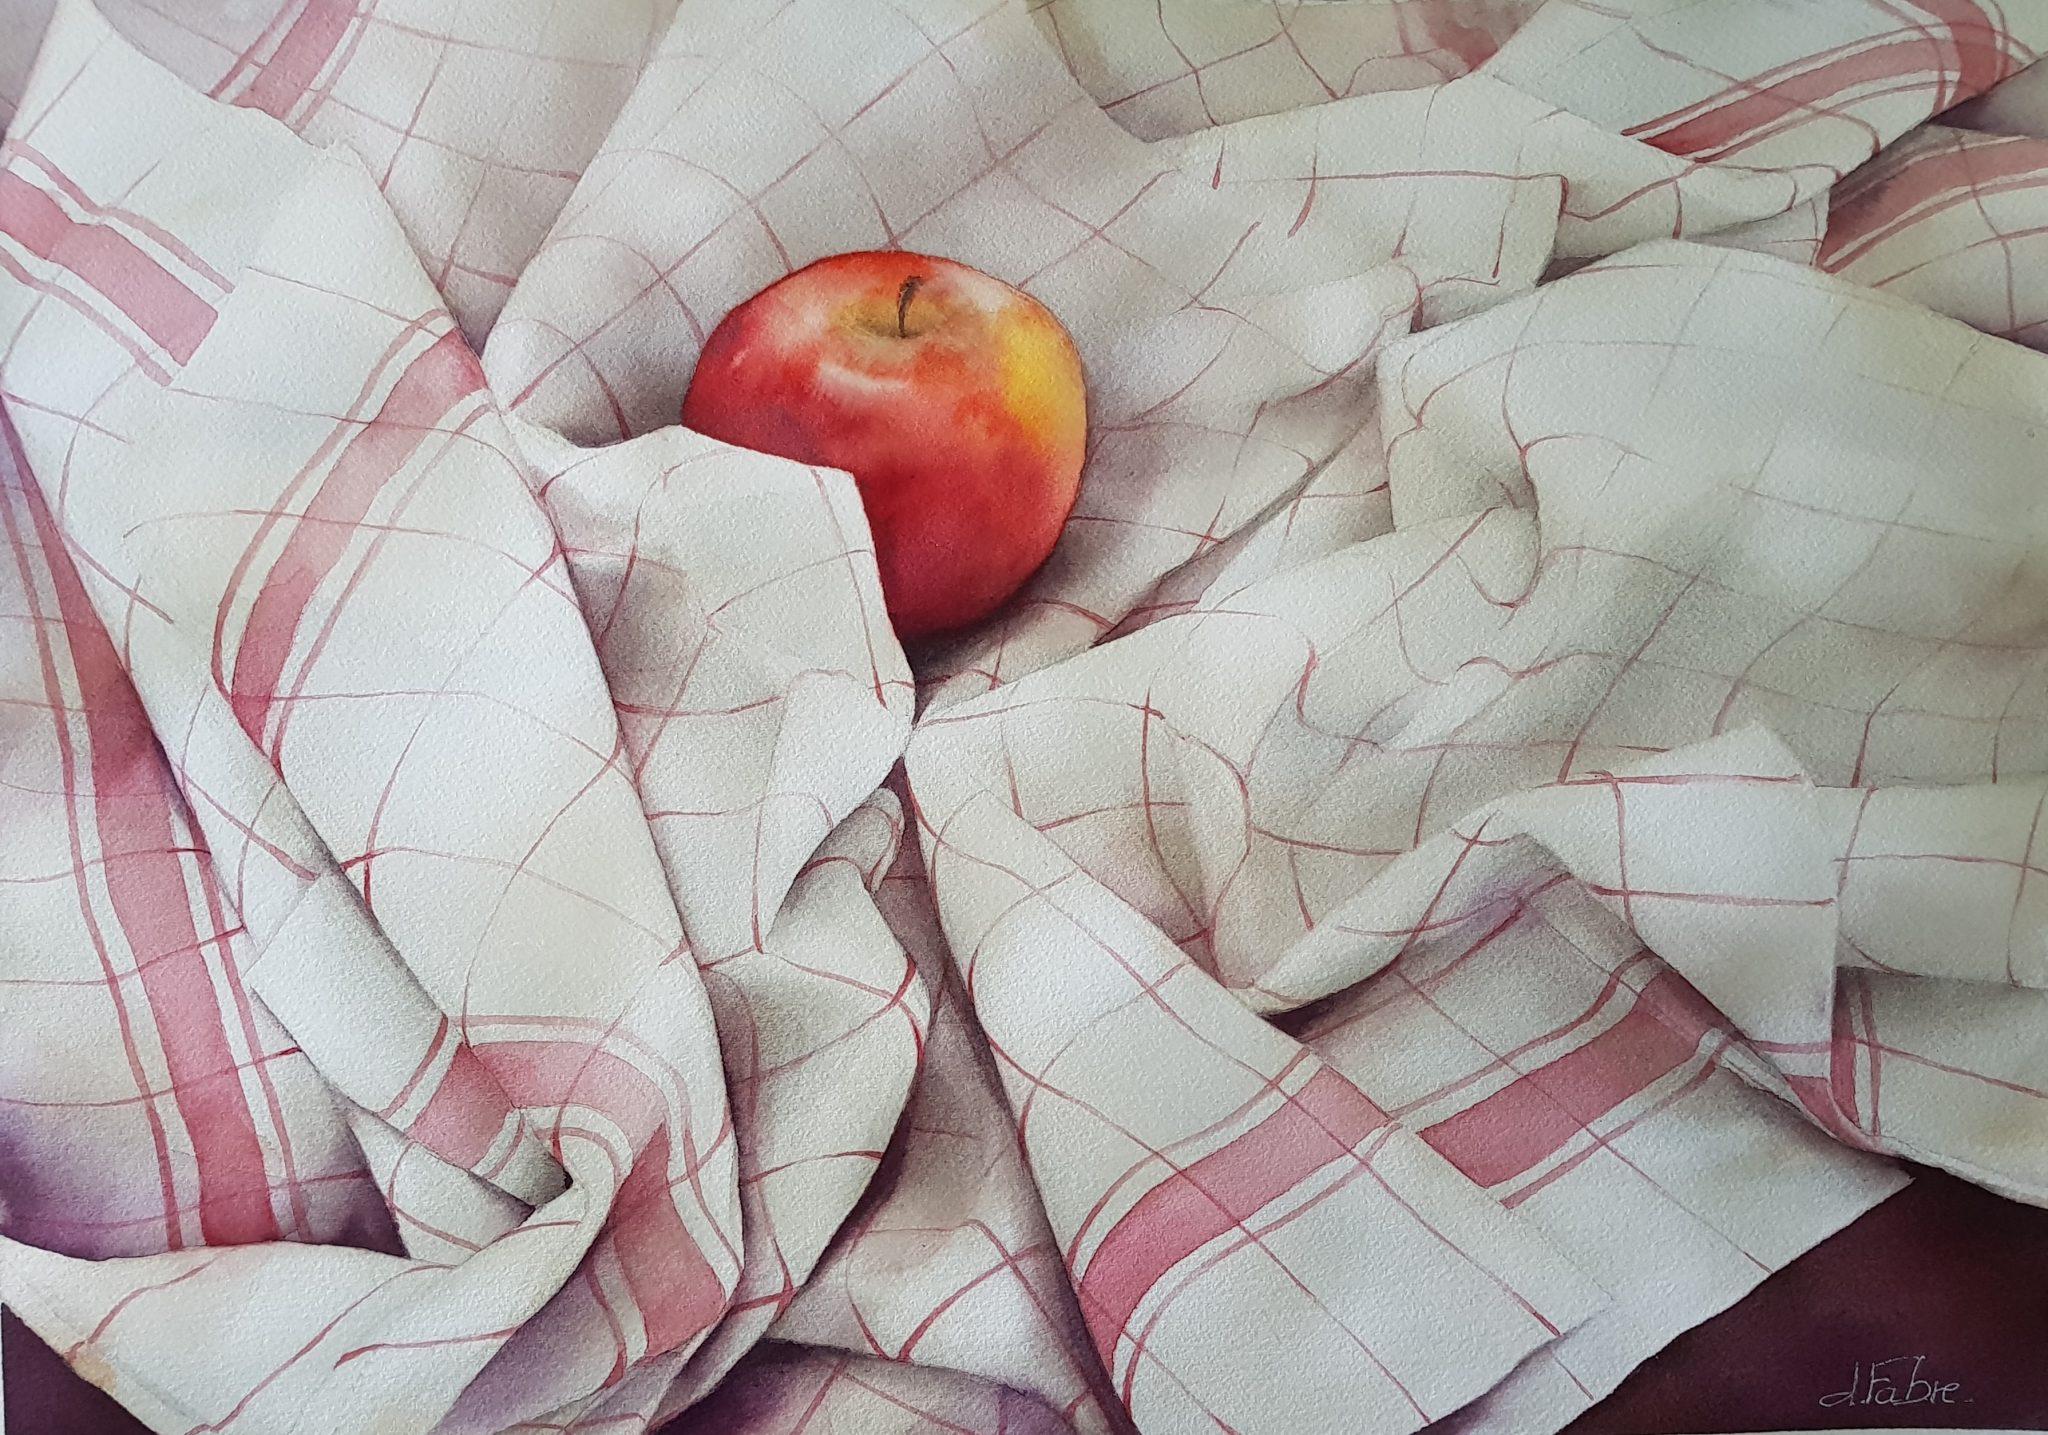 La solitude d'une pomme - 50x60cm